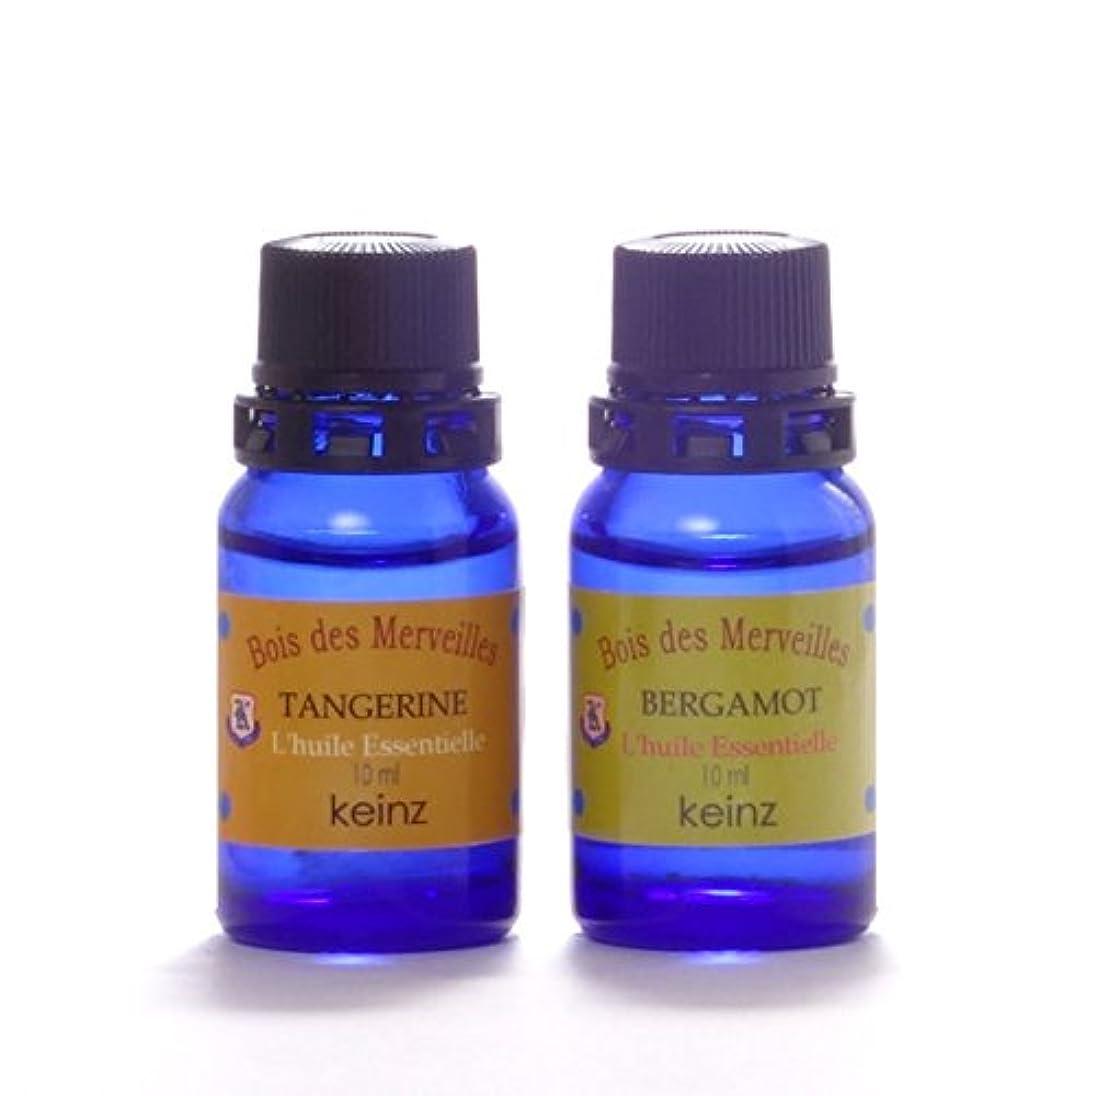 マウントバンク必要としている家族keinzエッセンシャルオイル「タンジェリン10ml&ベルガモット10ml」2種1セット ケインズ正規品 製造国アメリカ 水蒸気蒸留法による100%無添加精油 人工香料は使っていません。